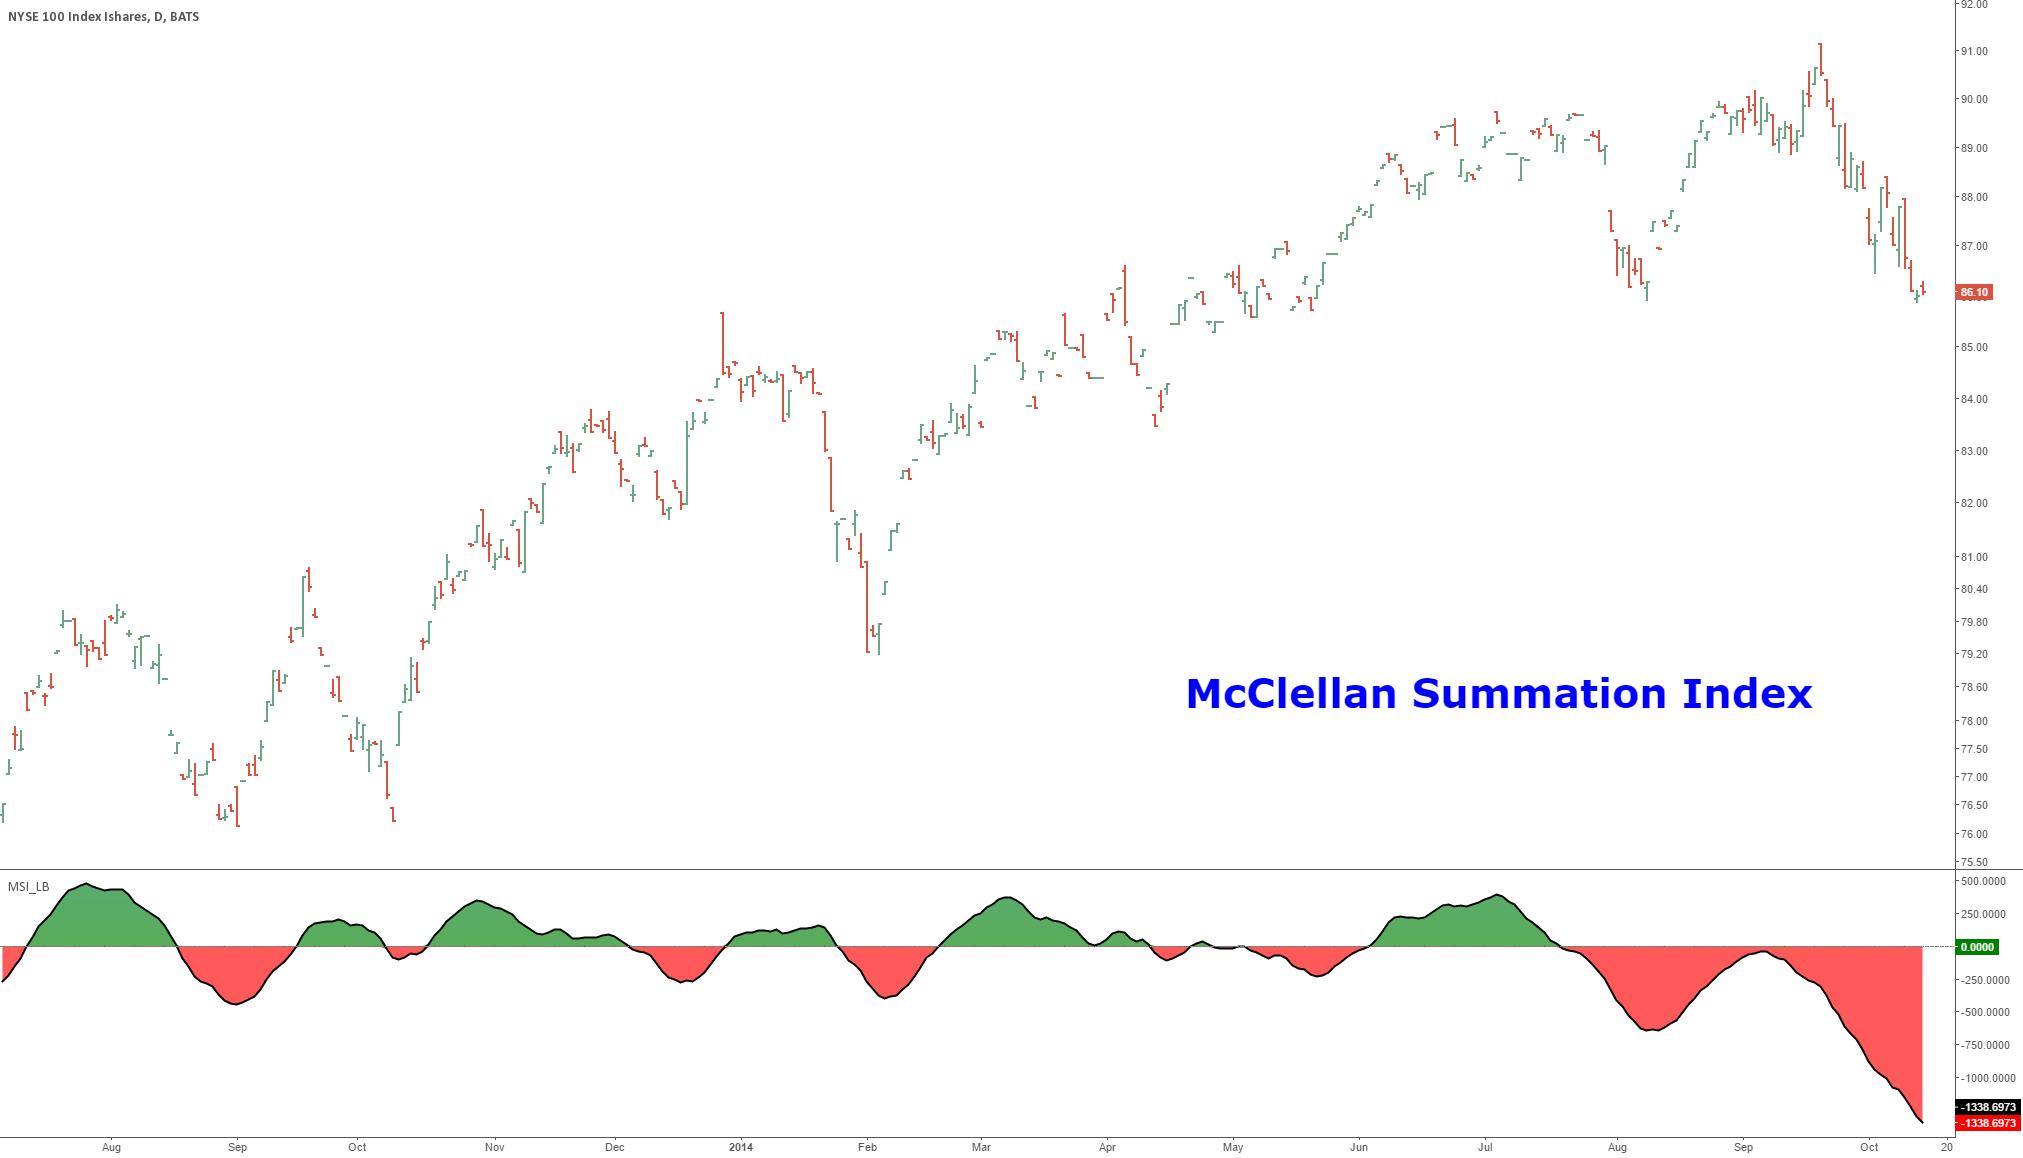 McClellan Summation Index [LazyBear]